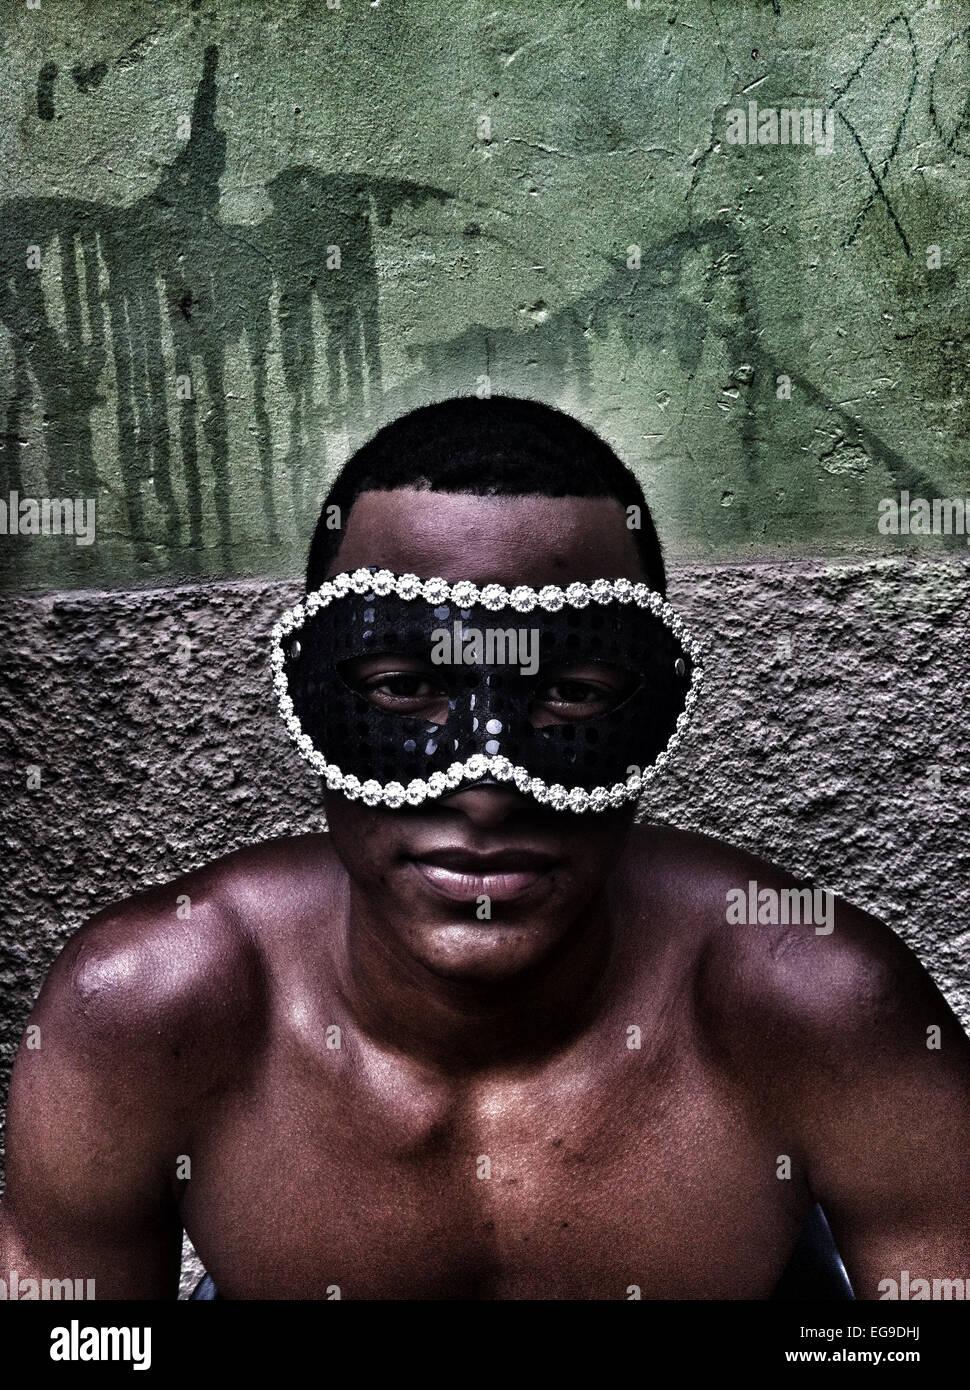 Homme portant un masque au carnaval, Rio de Janeiro, Brésil Photo Stock